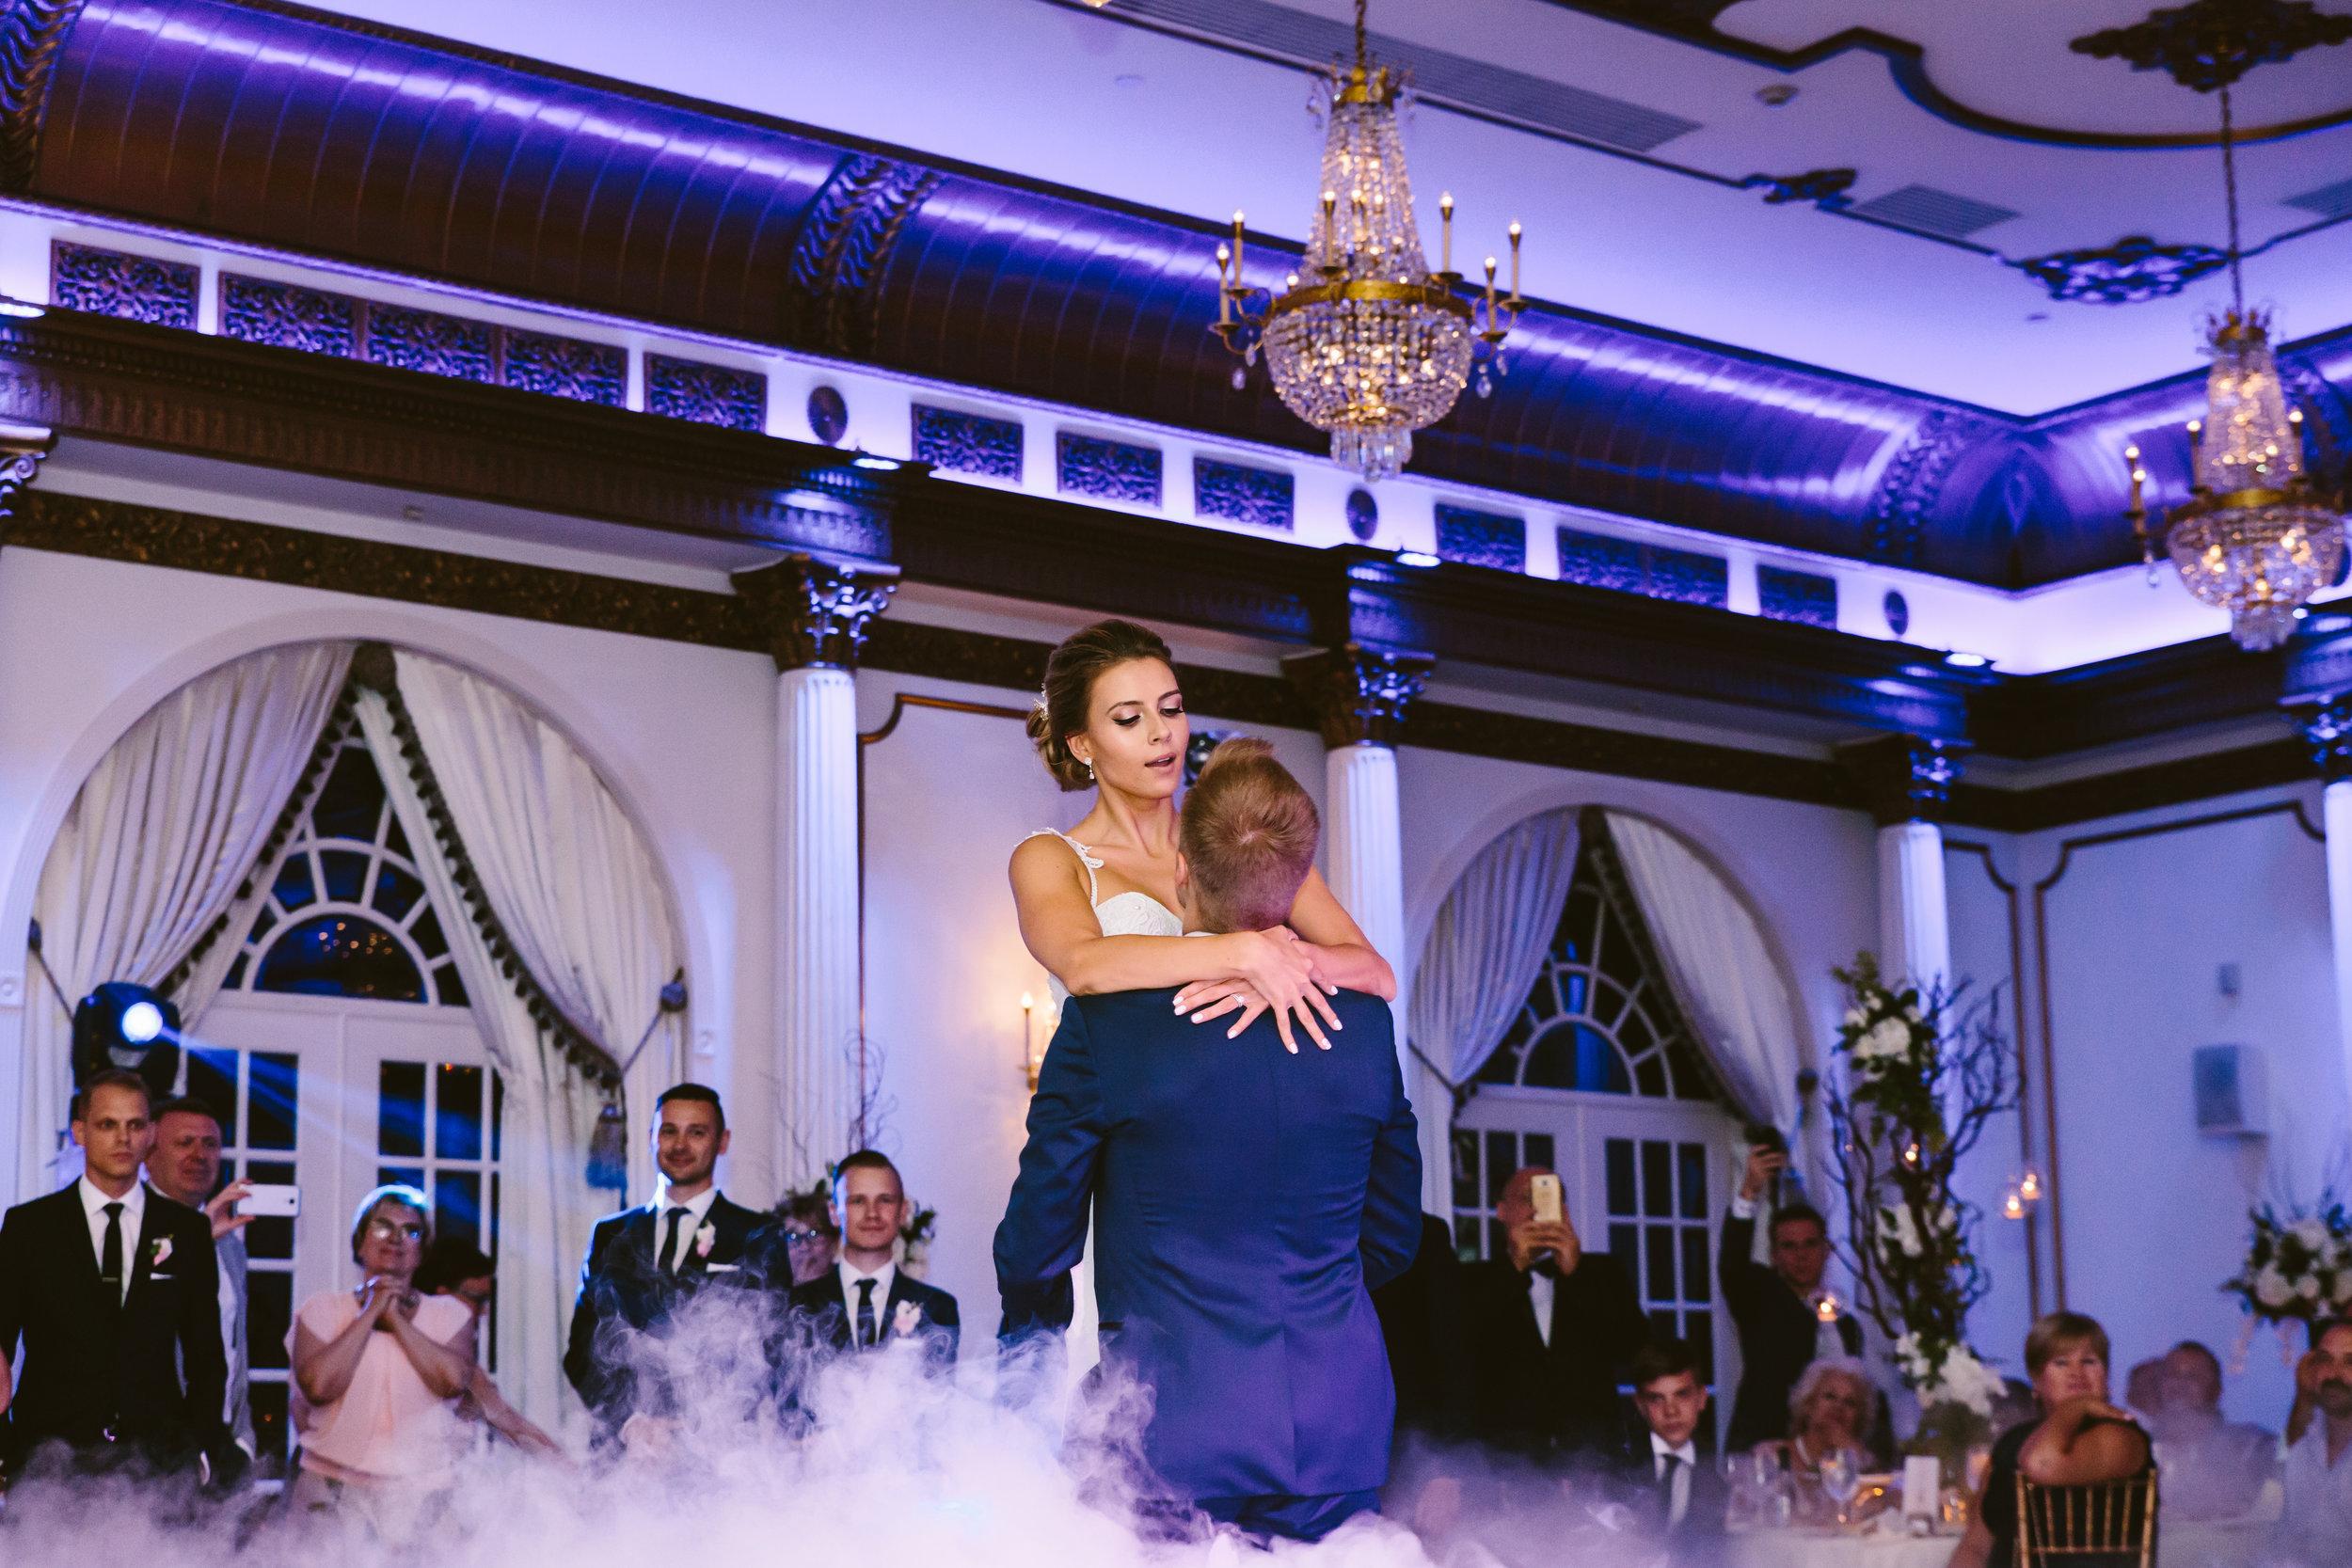 alex-edge-dj-wedding-crystal-plaza-1.jpg